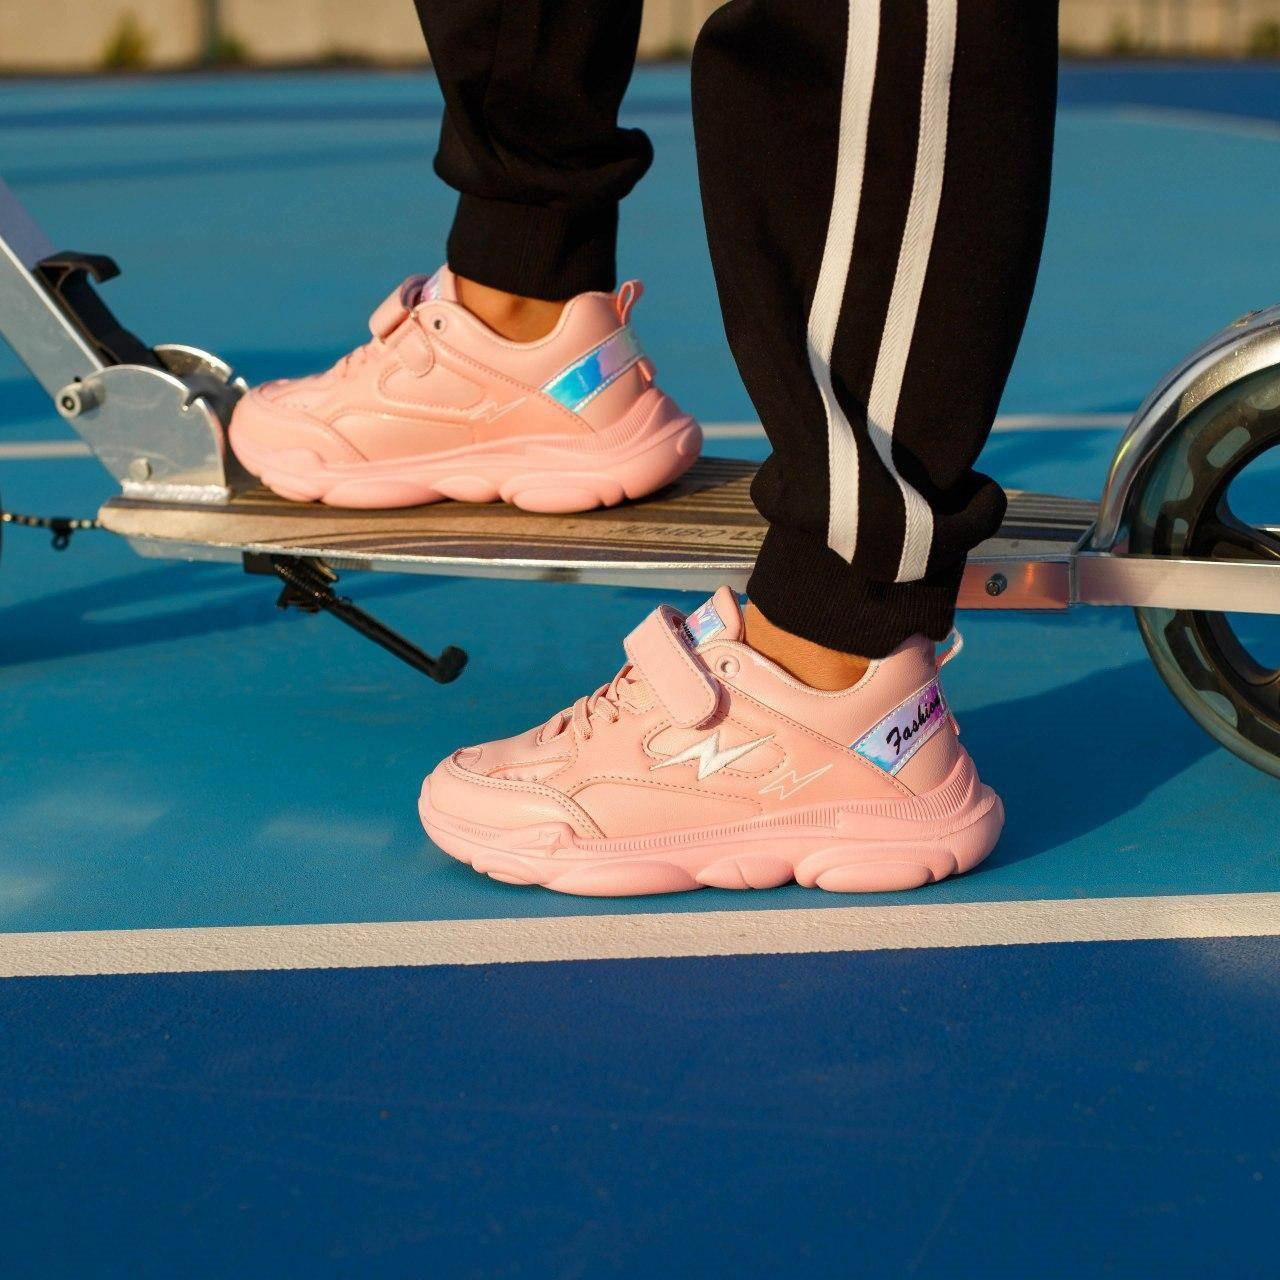 Детские кроссовки на липучках, размеры 25-30, замеры в описании (Розовые)